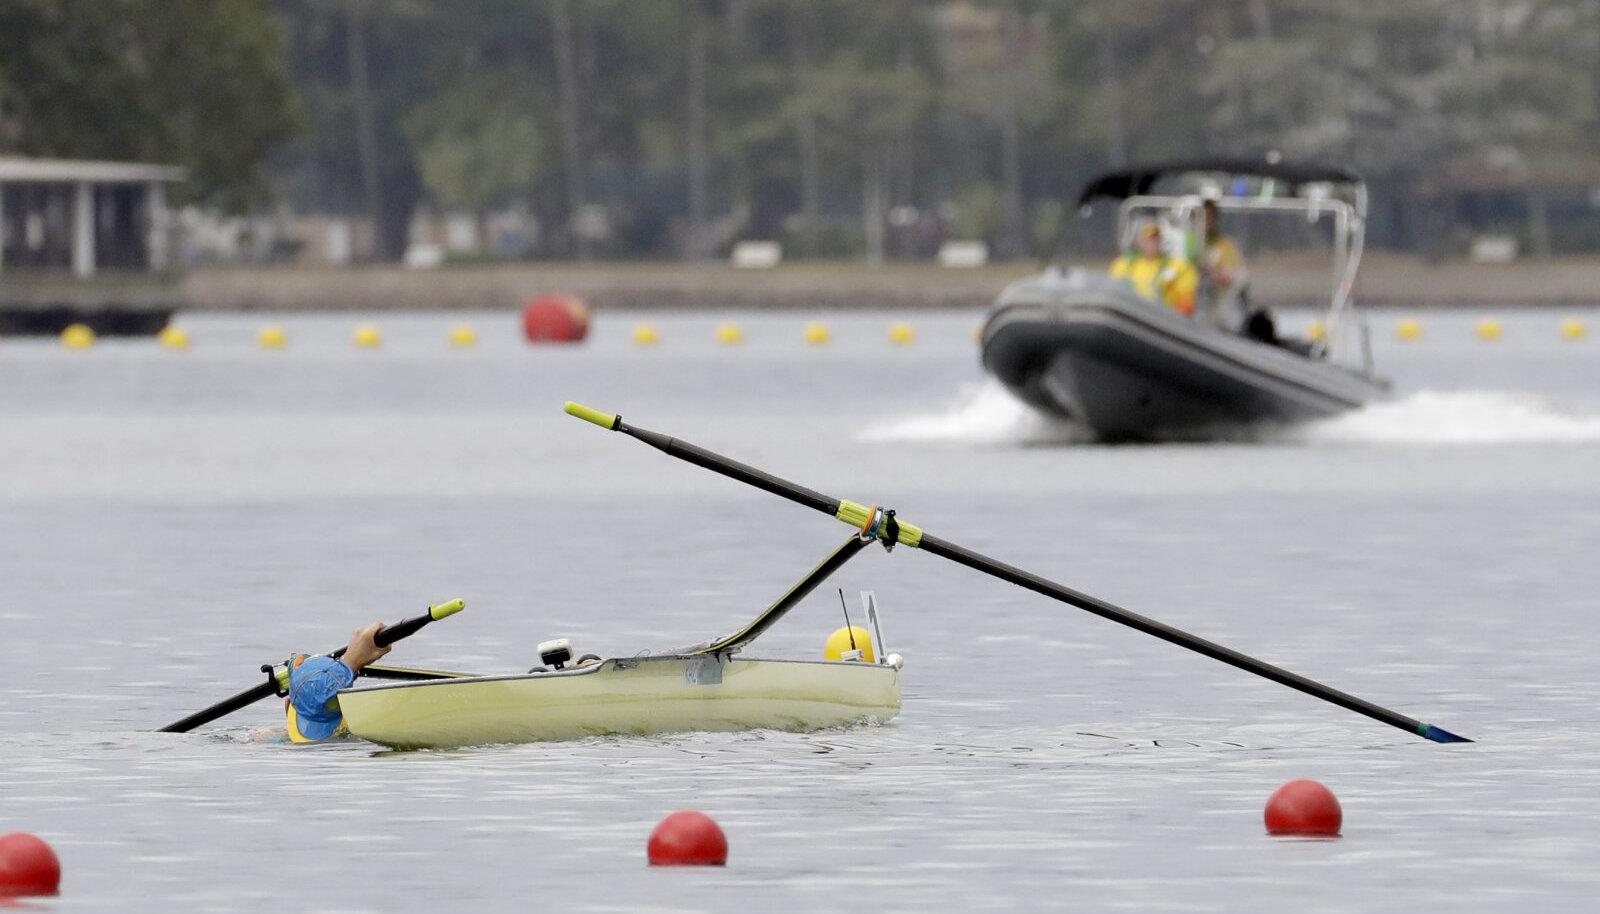 Foto on illustratiivne. Pildil on 2016 Rio olümpial paadist välja kukkunud Kasahstani sõudja.